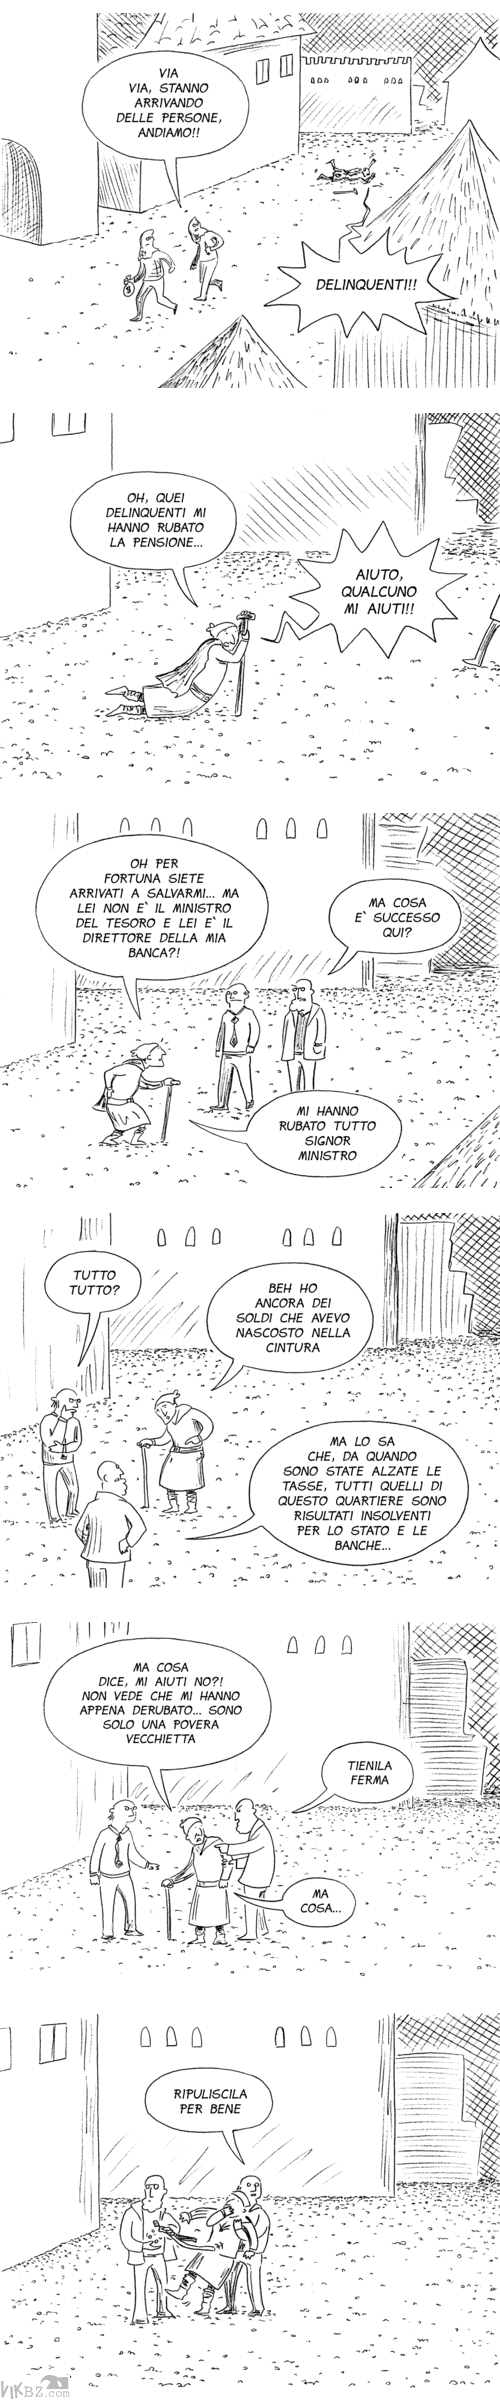 A volte non si percepisce la differenza (fortuna che è solo un fumetto)